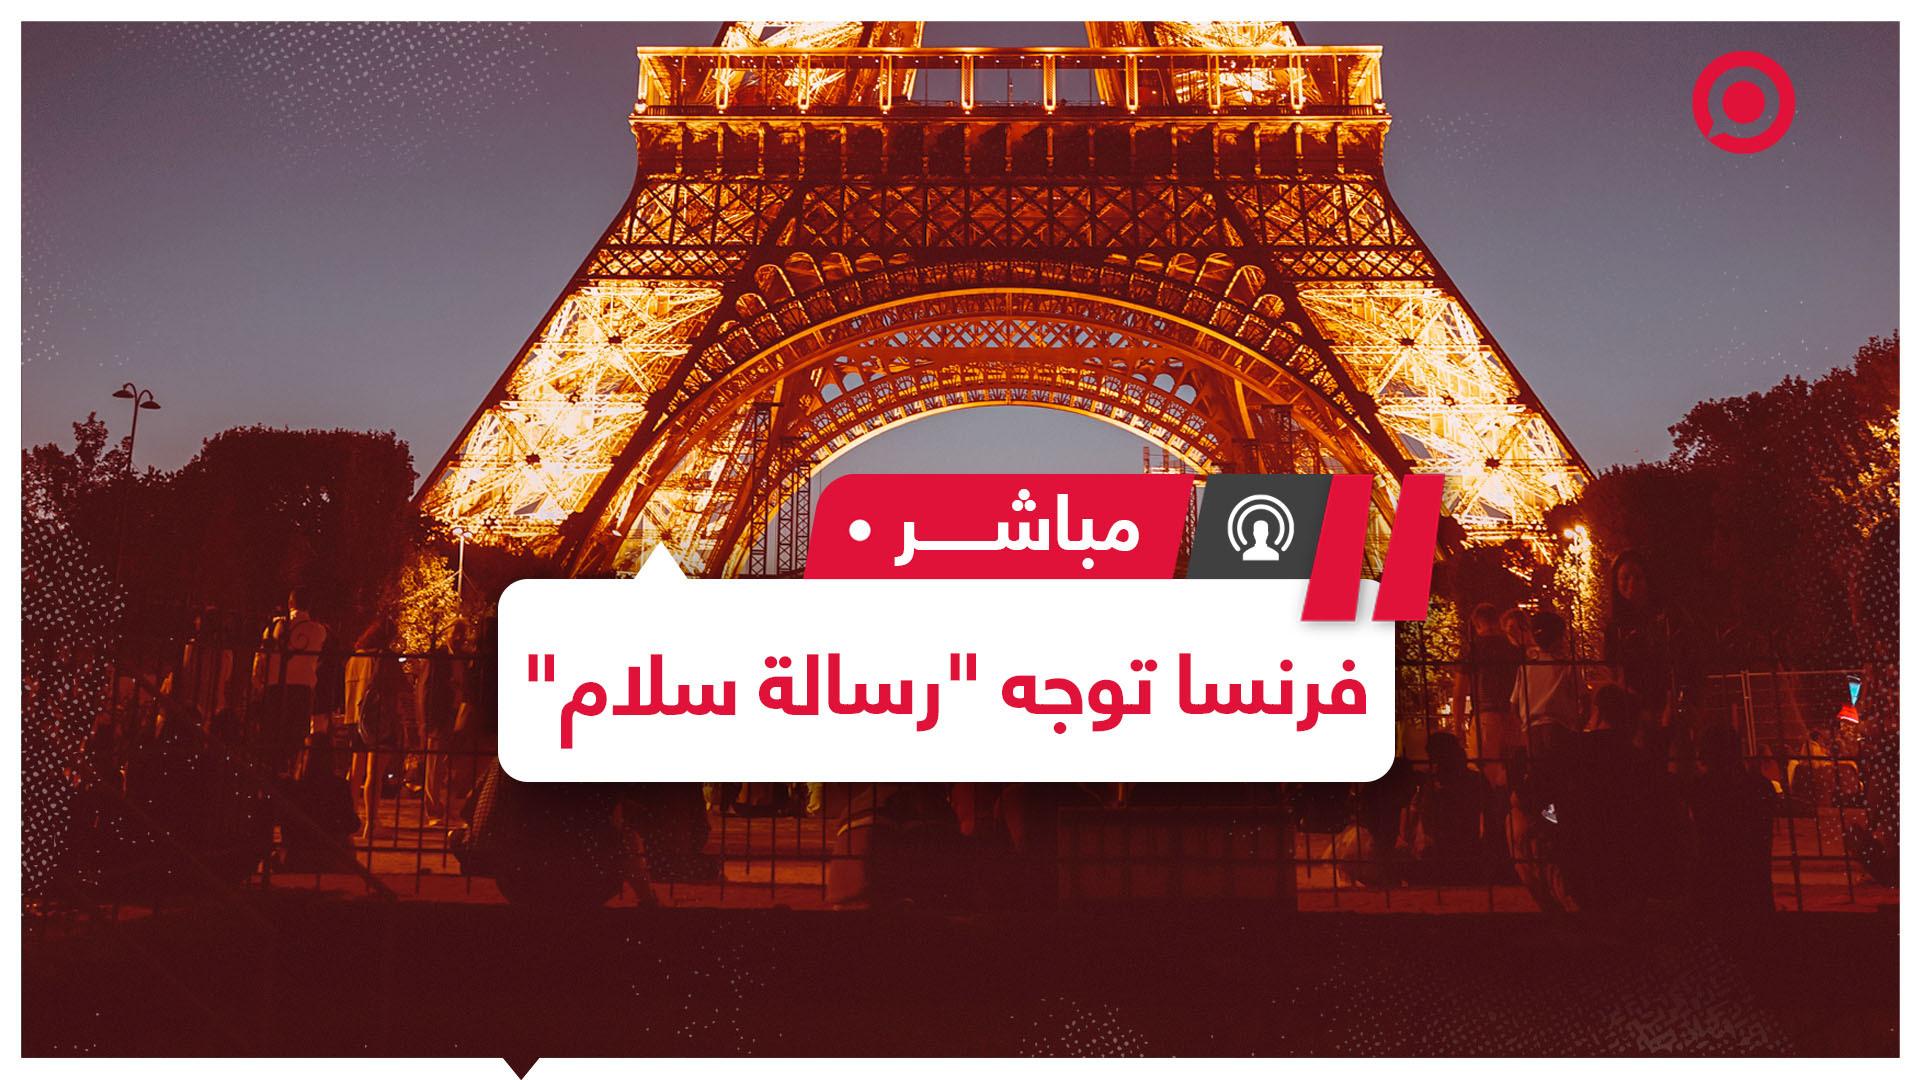 """فرنسا للمسلمين: """"الدين والثقافة الإسلامية من تاريخنا ونحن نحترمهما"""""""